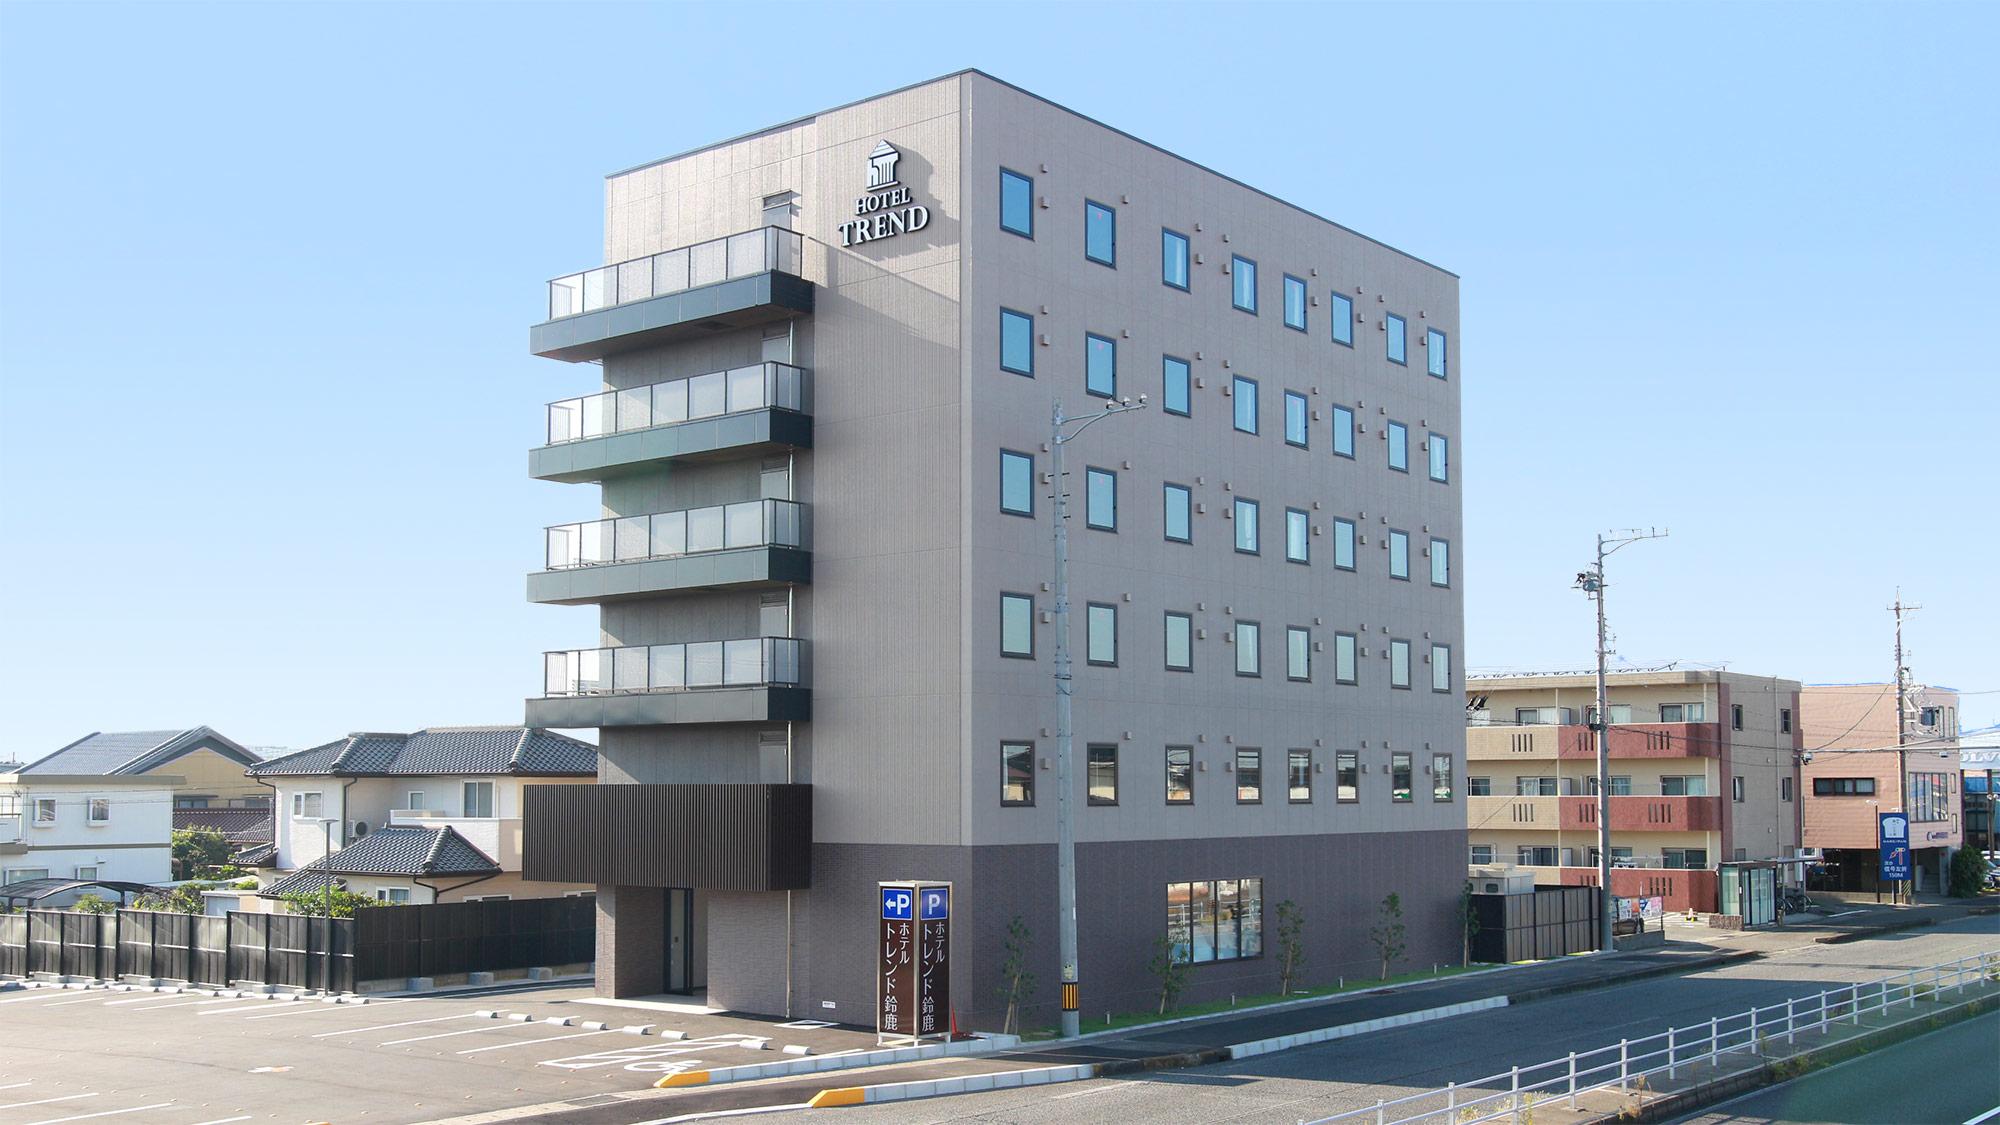 ホテルトレンド鈴鹿(2020年10月30日新築オープン)